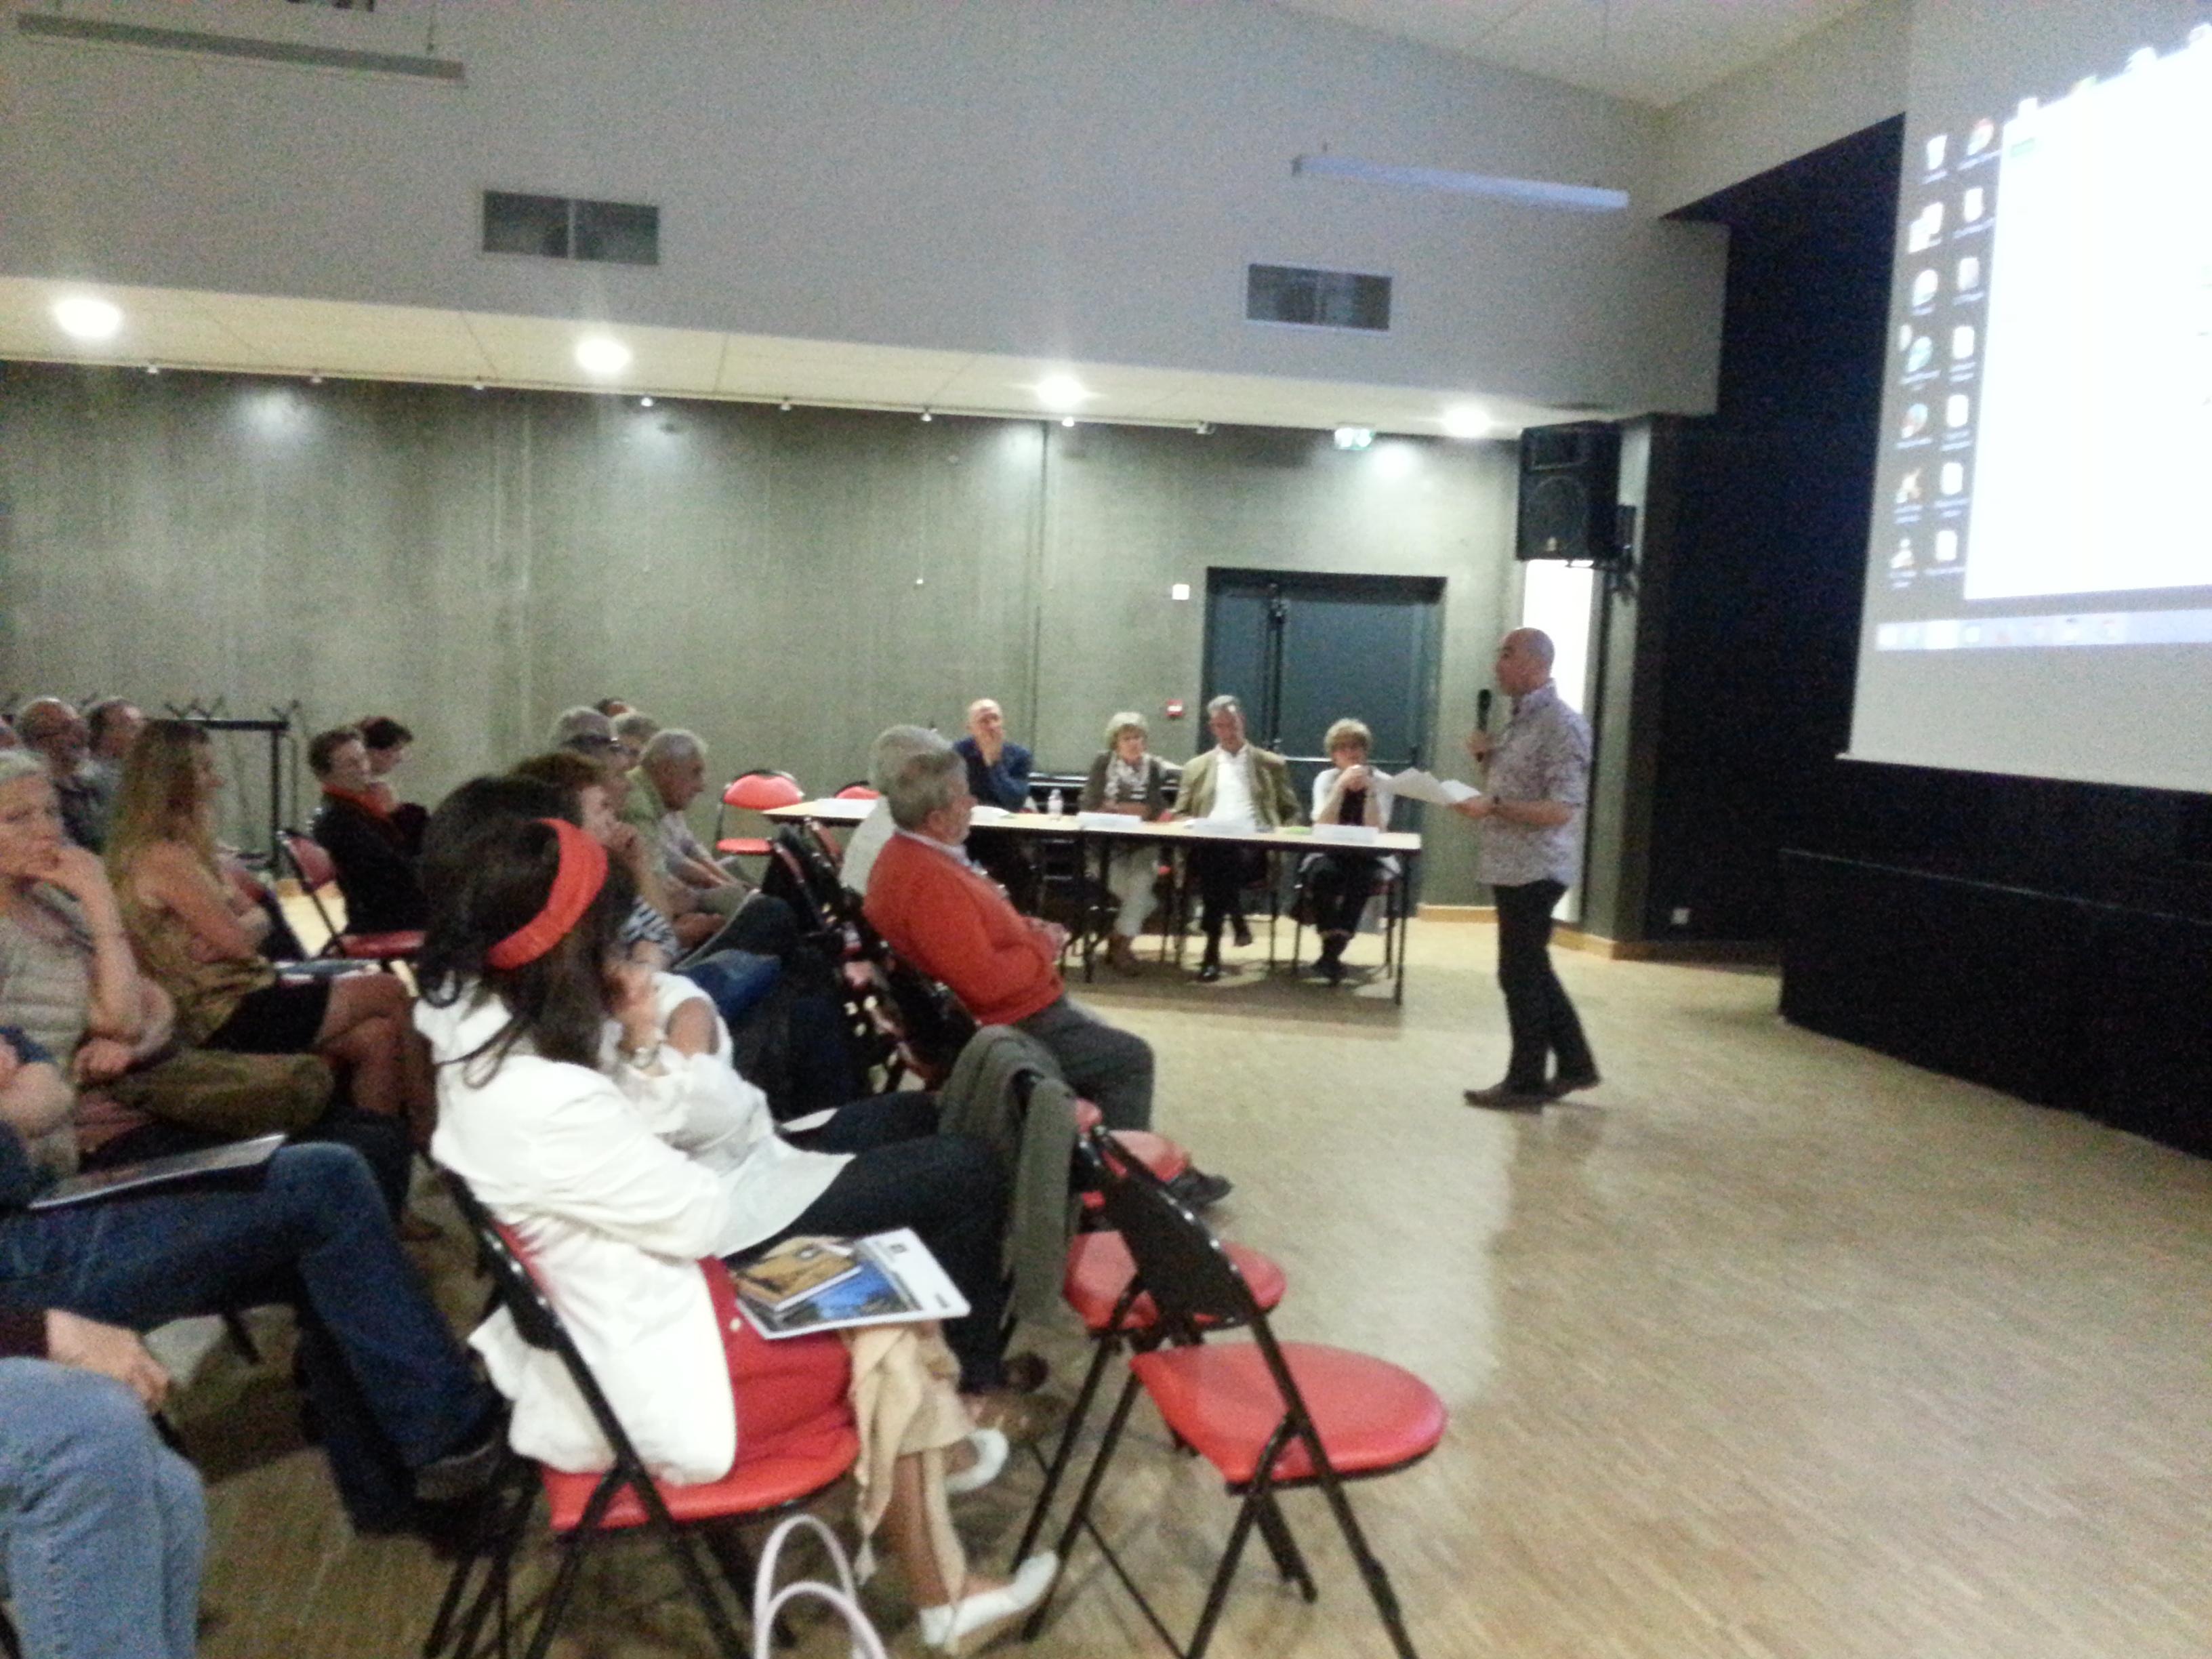 Questembert rochefort en terre les projets de l 39 office de - Office du tourisme rochefort en terre ...